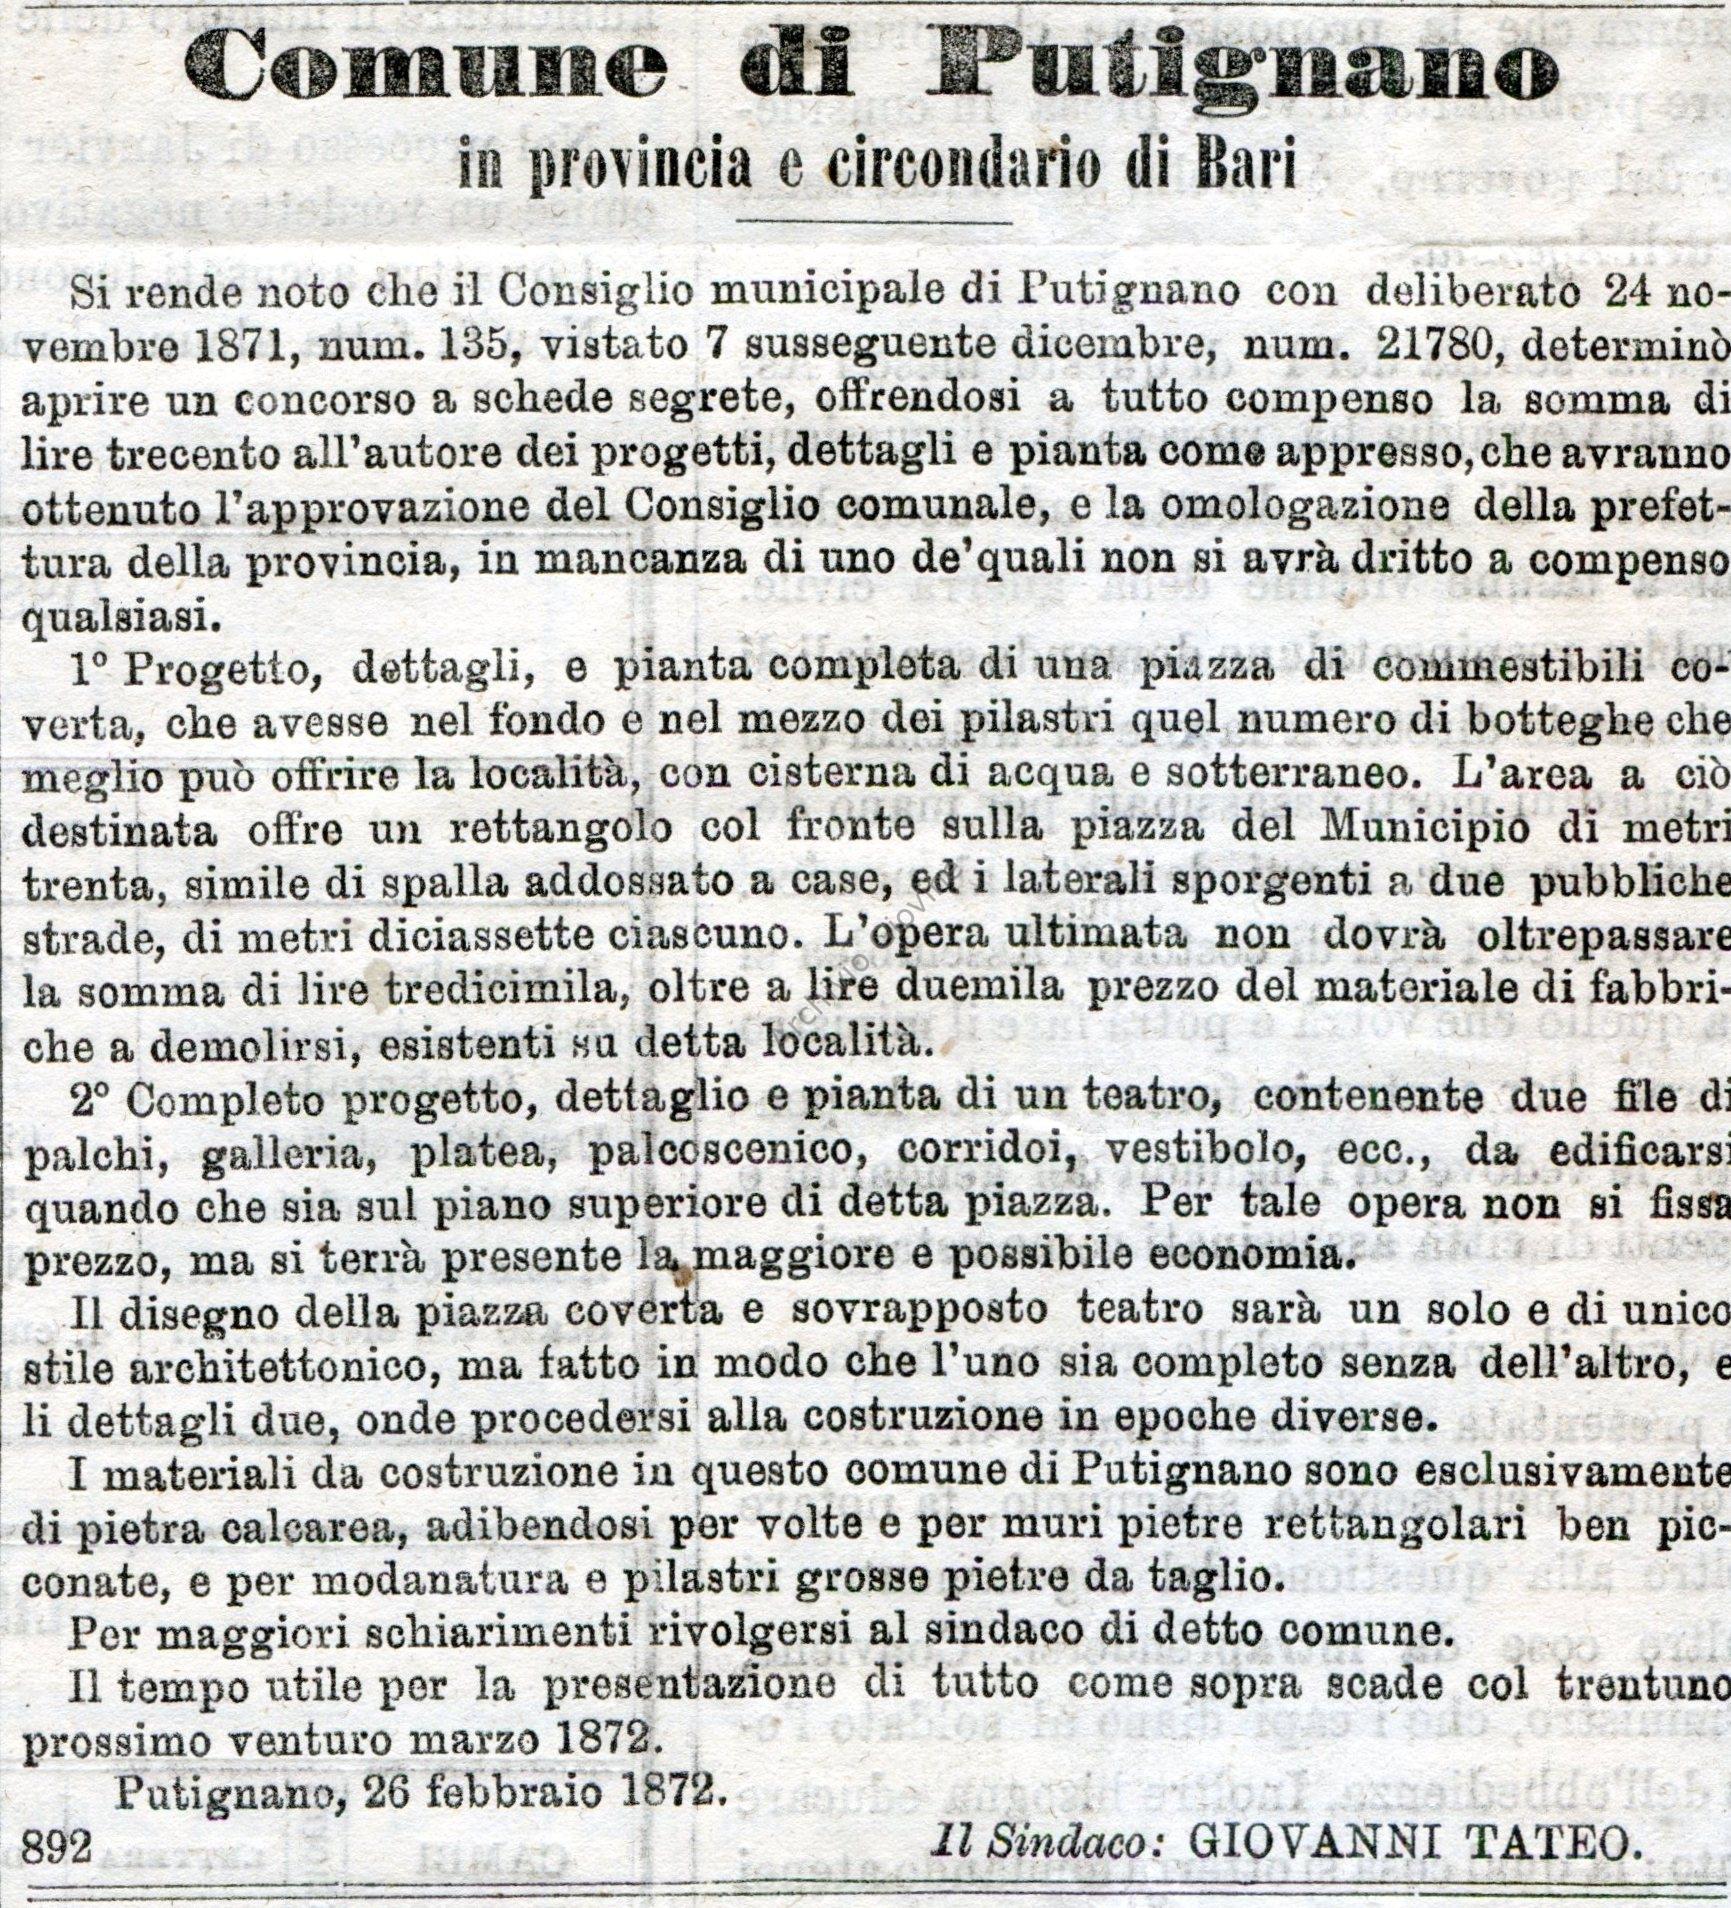 05.03.1872 Putig Gazzetta Ufficiale